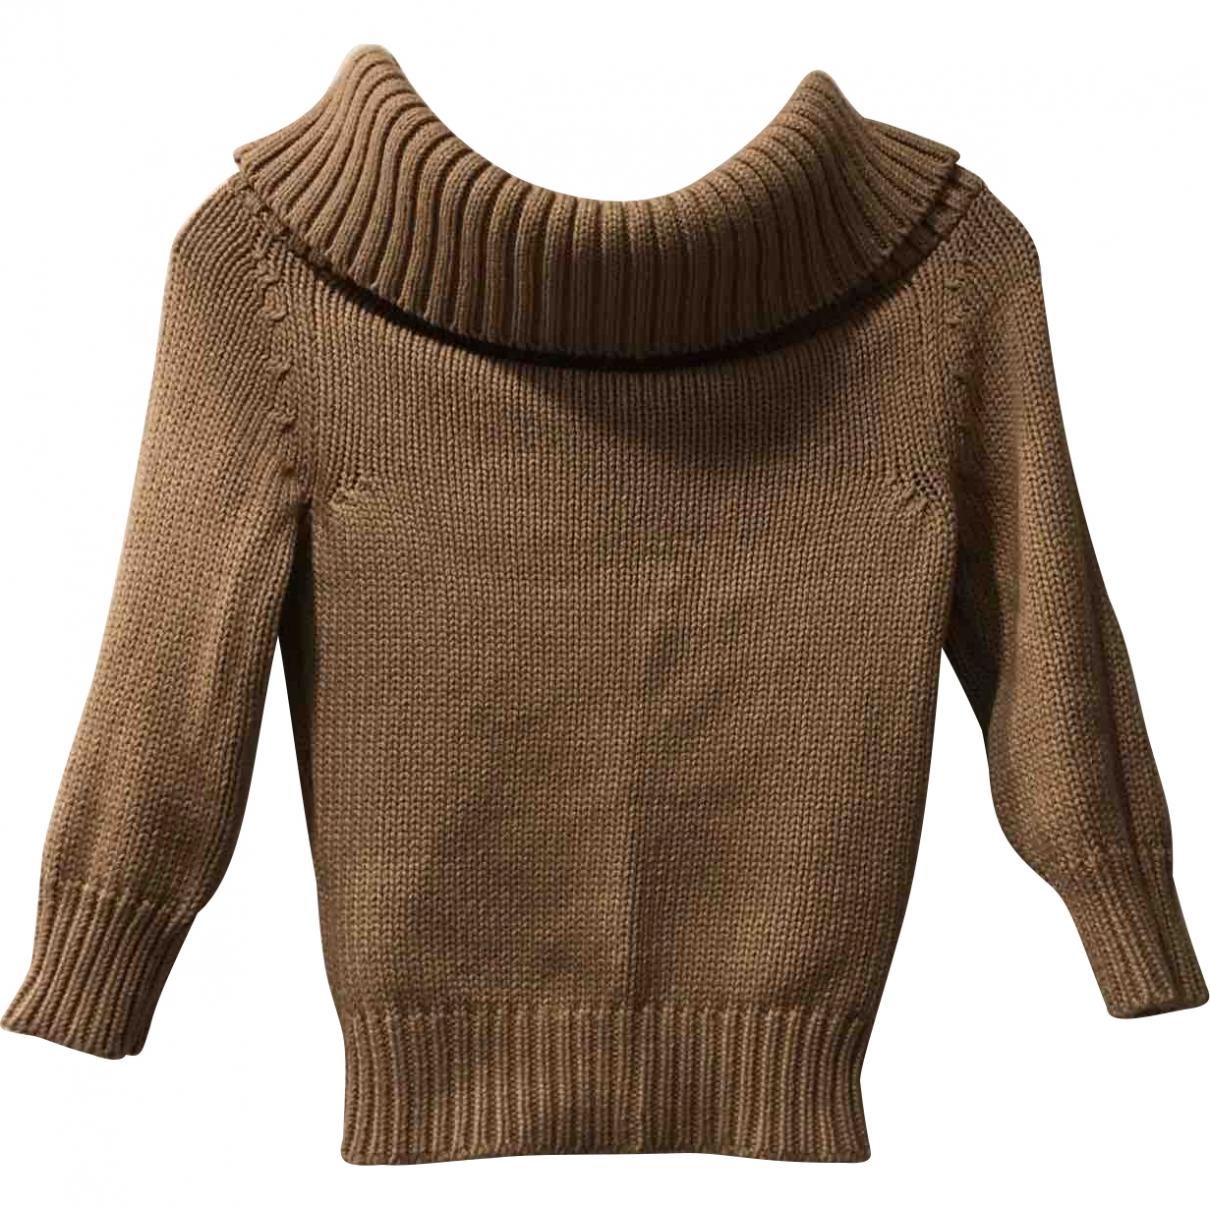 Celine \N Camel Cashmere Knitwear for Women S International